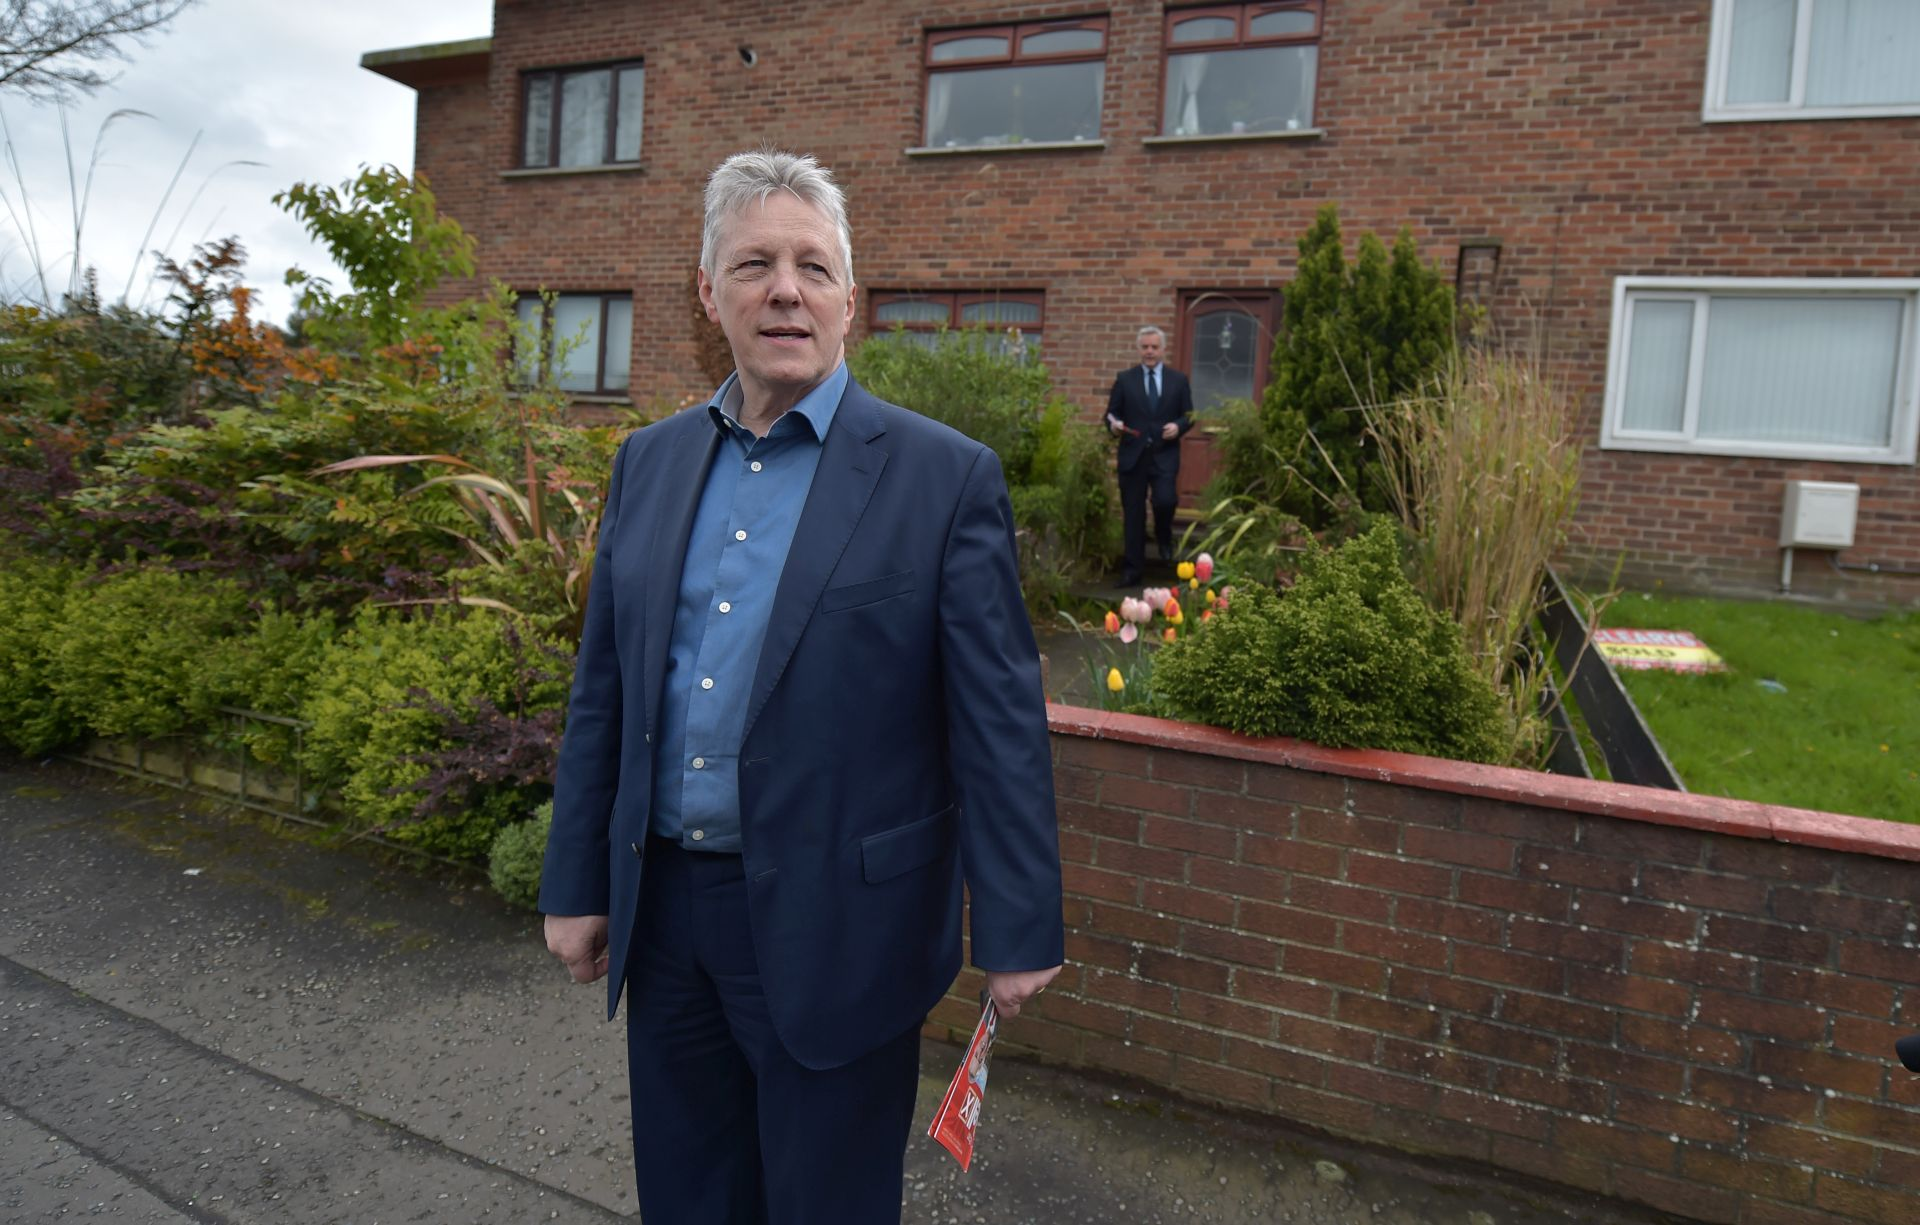 POLITIČKA KRIZA U SJEVERNOJ IRSKOJ Prvi ministar Peter Robinson podnio ostavku